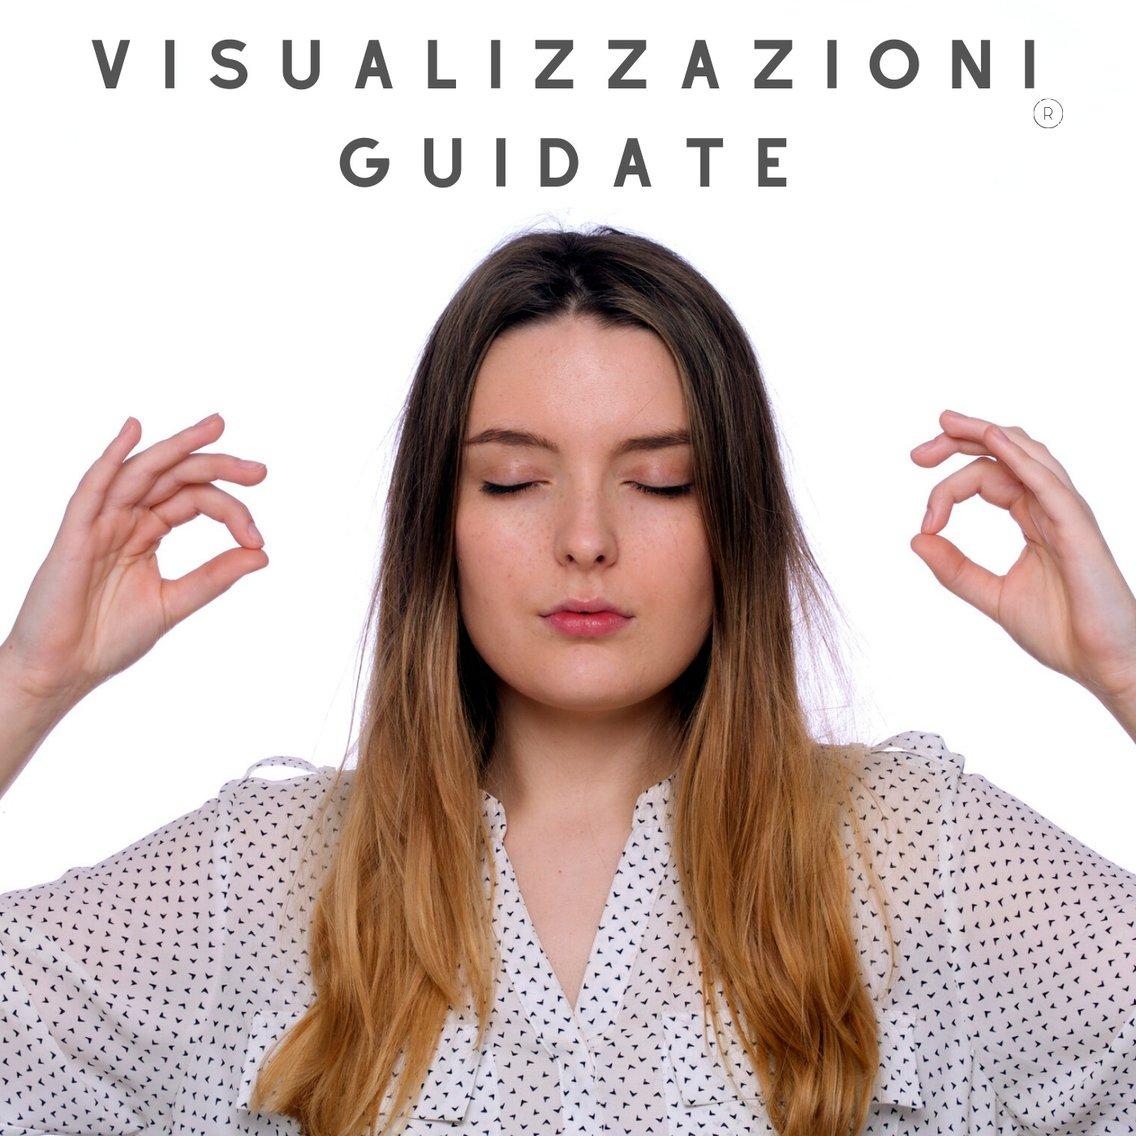 VISUALUZZAZIONI GUIDATE - Cover Image